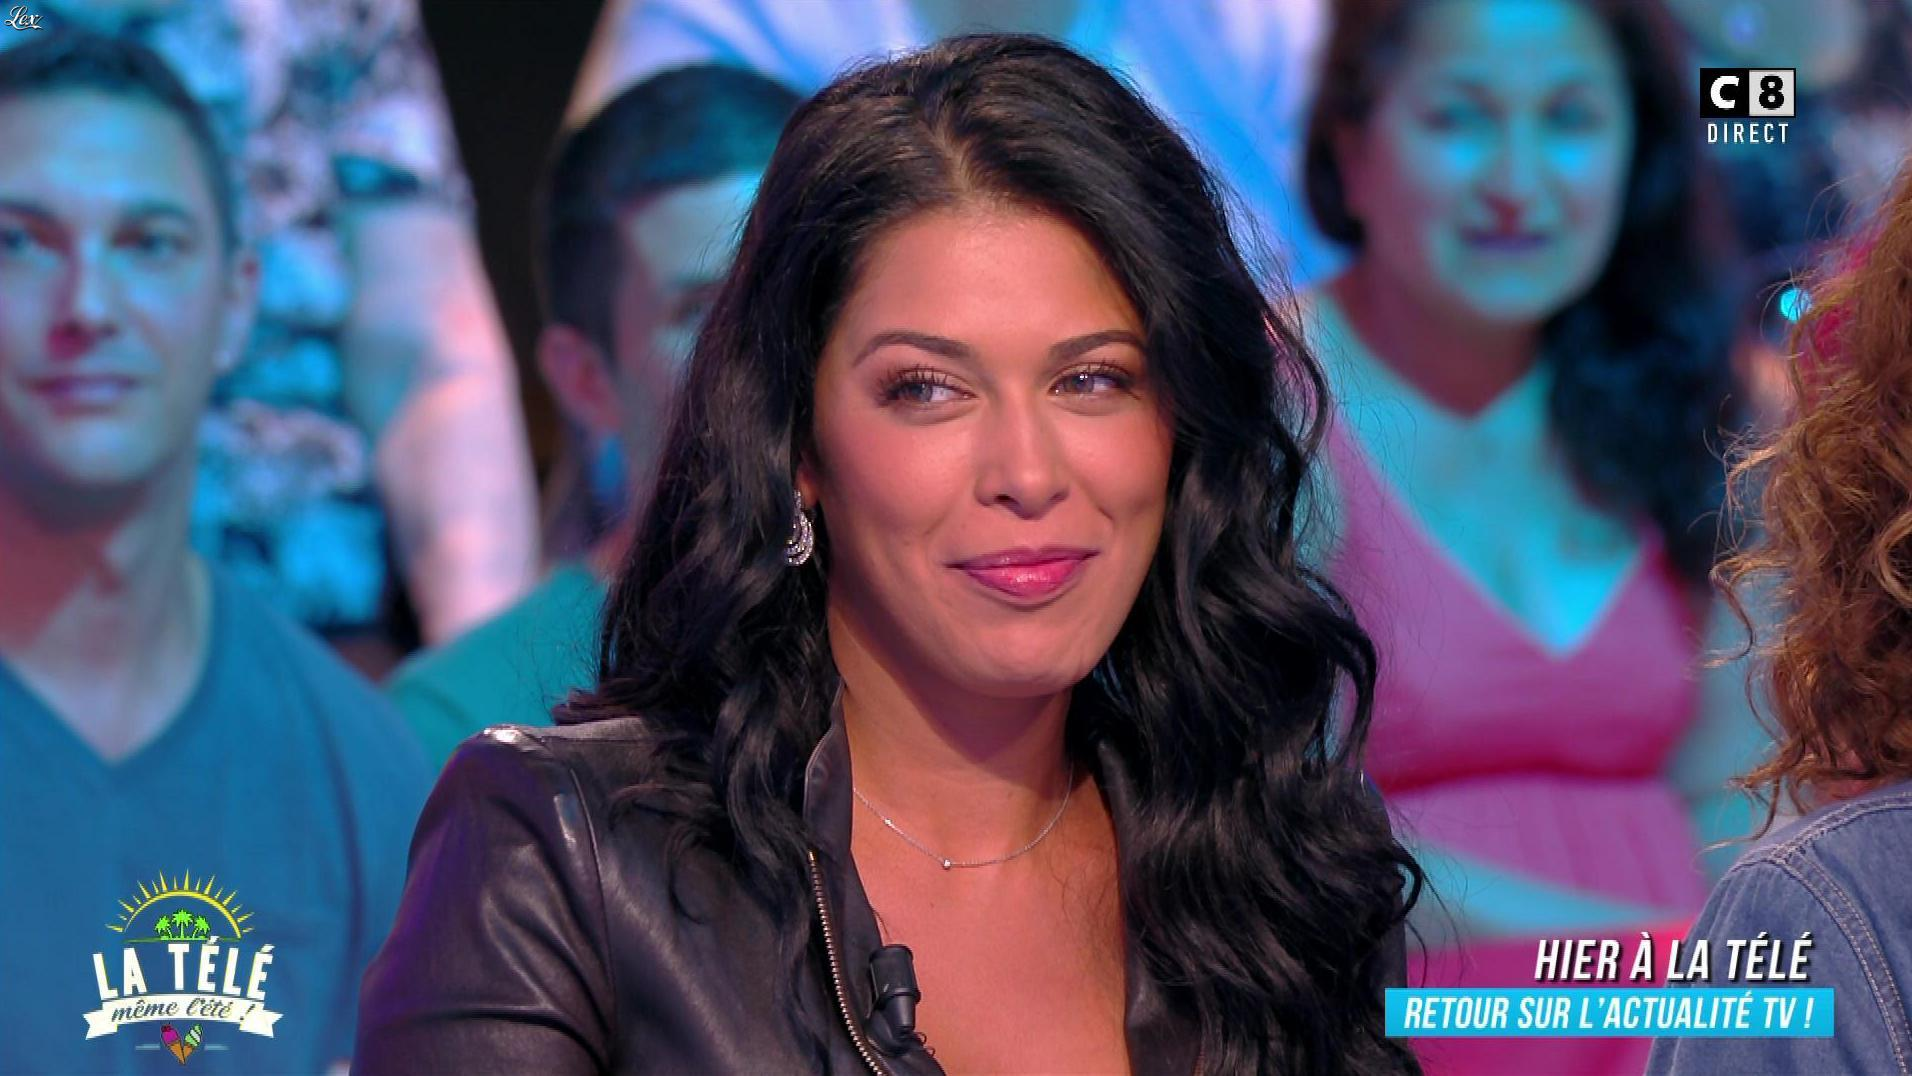 Ayem Nour dans la Télé, même l'été. Diffusé à la télévision le 29/06/18.